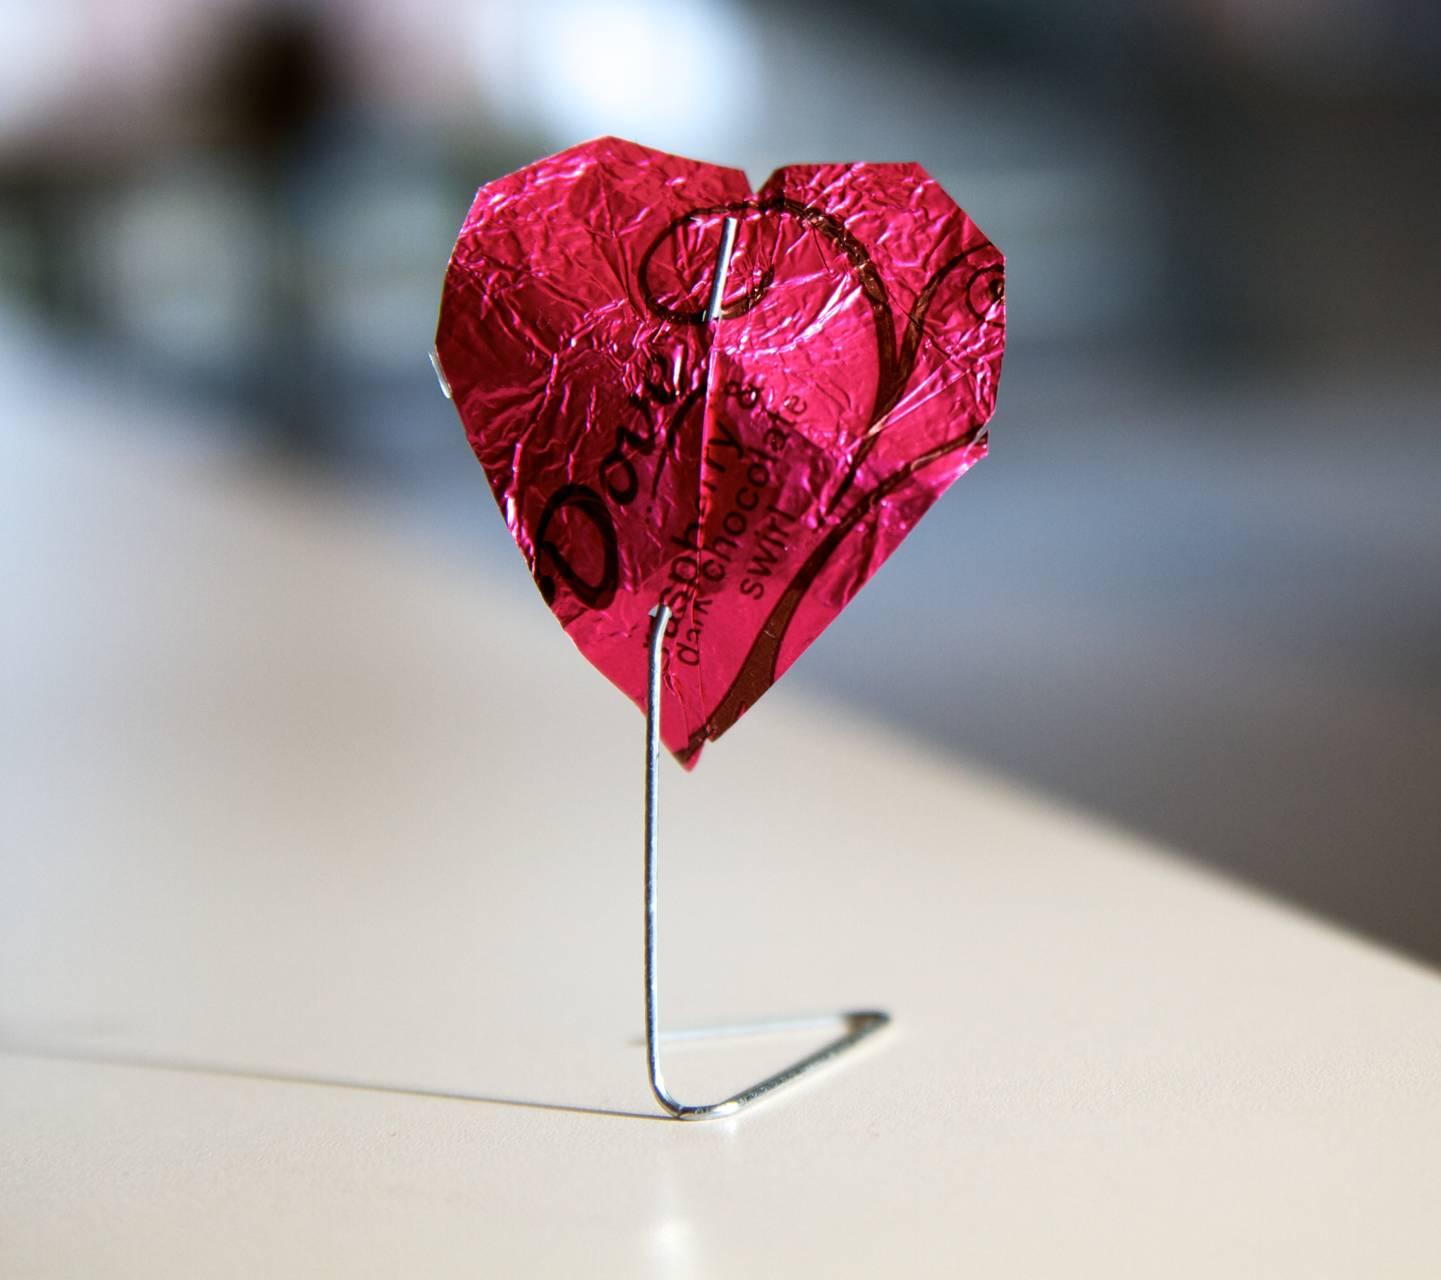 Heart art 11